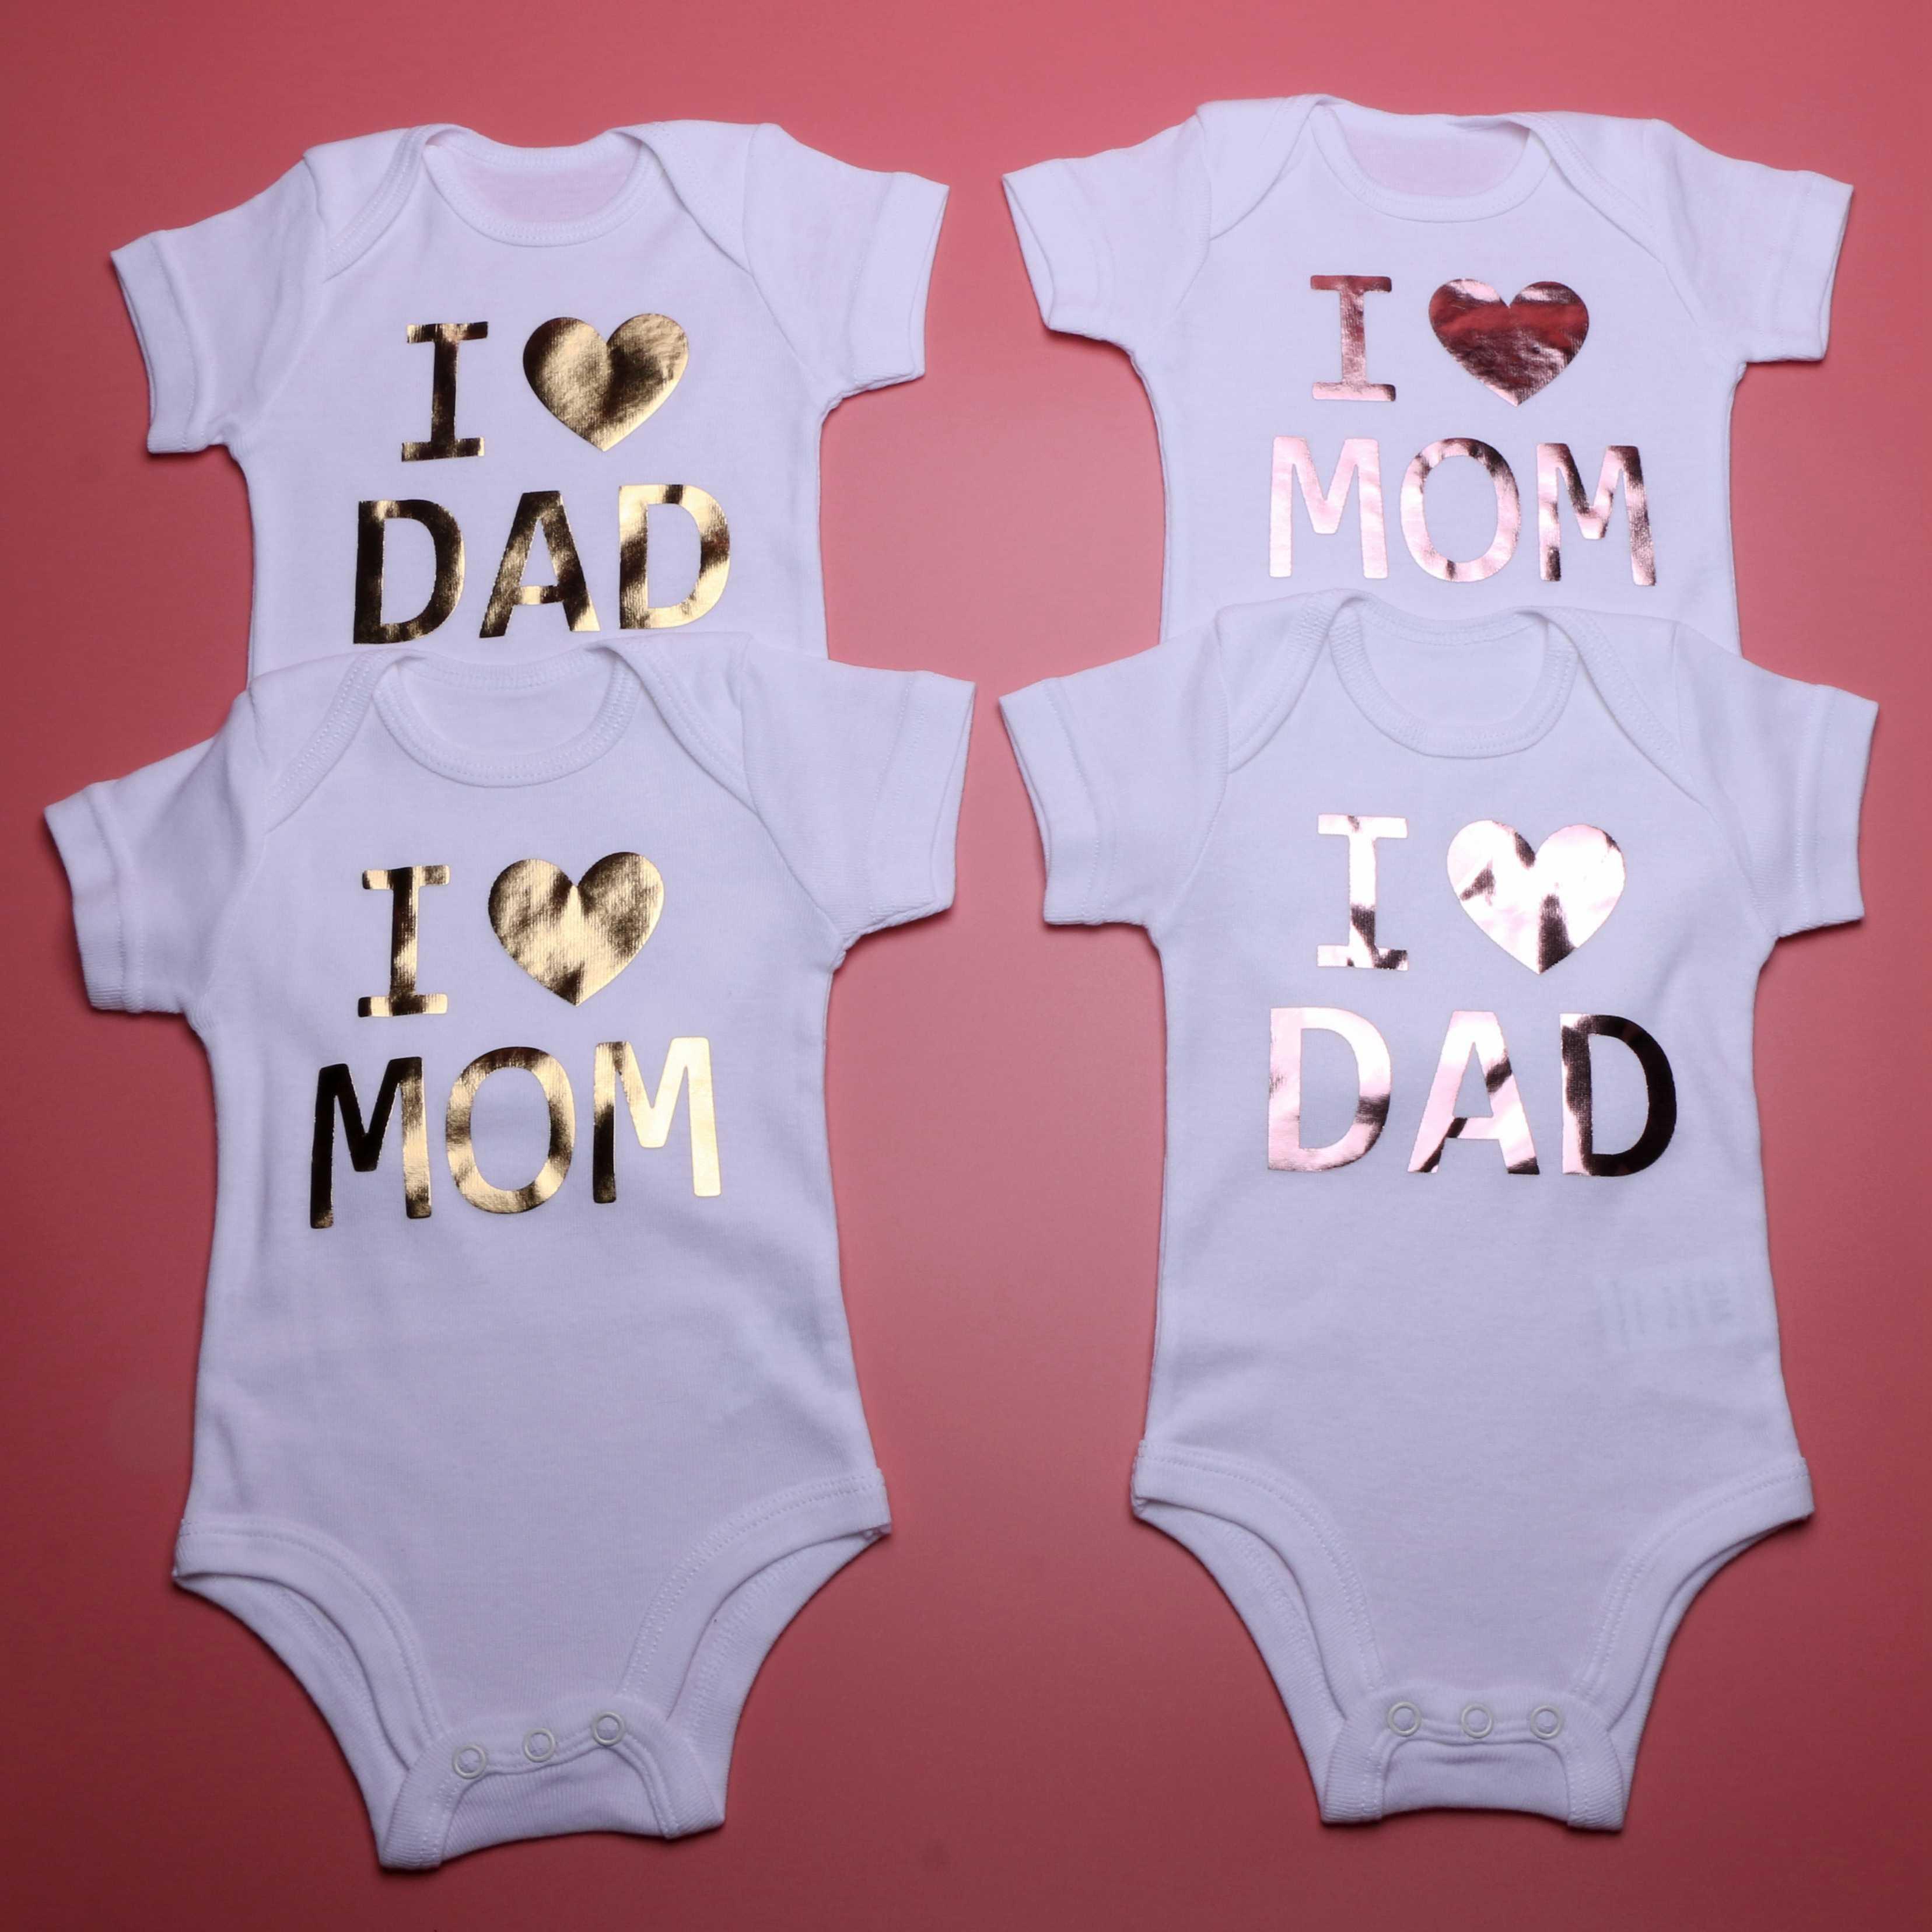 新生児少年少女服ジャンプスーツ onesies 半袖綿の手紙私はママかわいいボディースーツ衣装幼児服